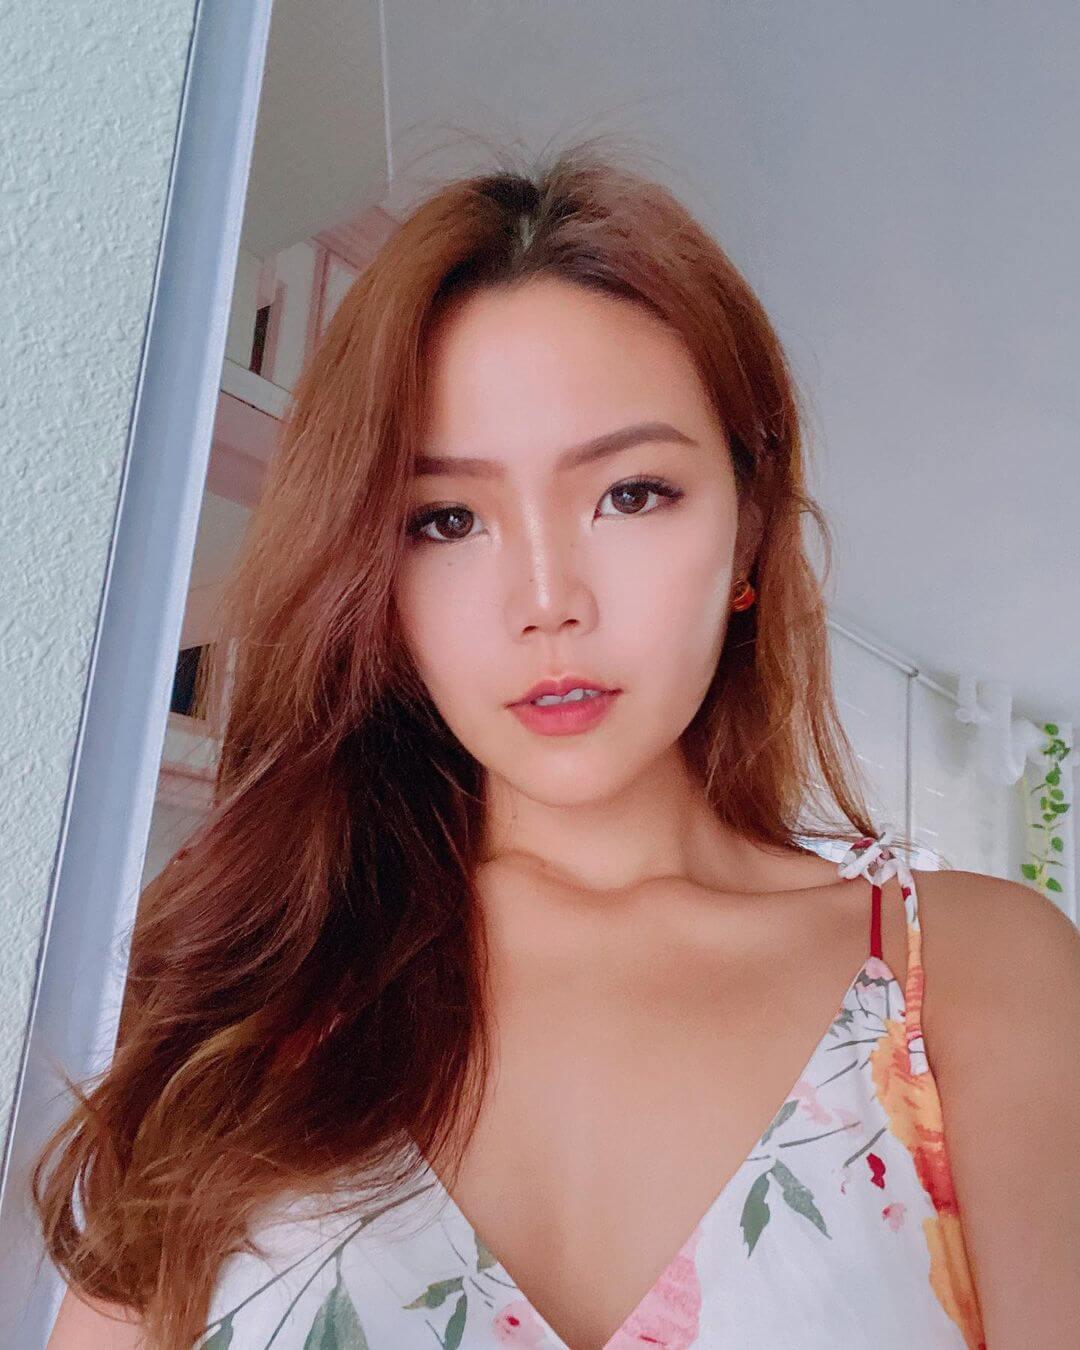 Zhiyan Tay 紫燕